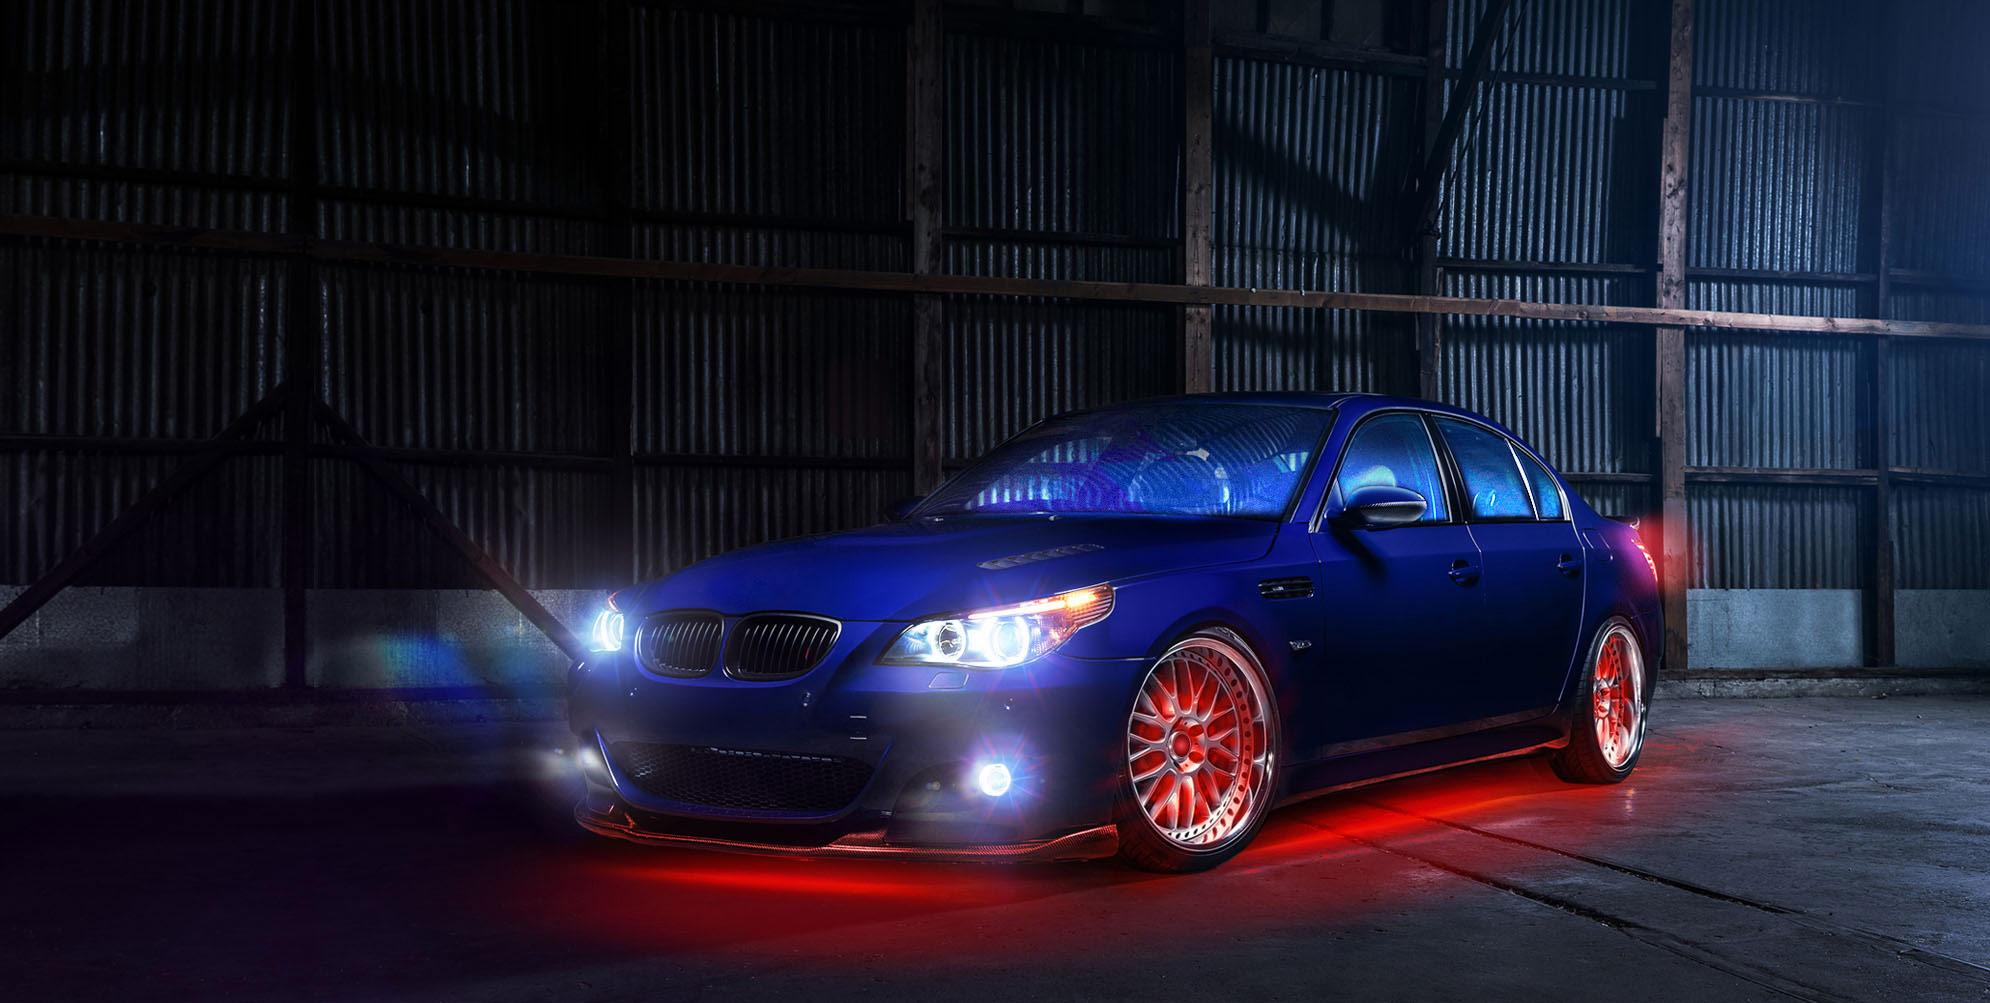 car LED lights on